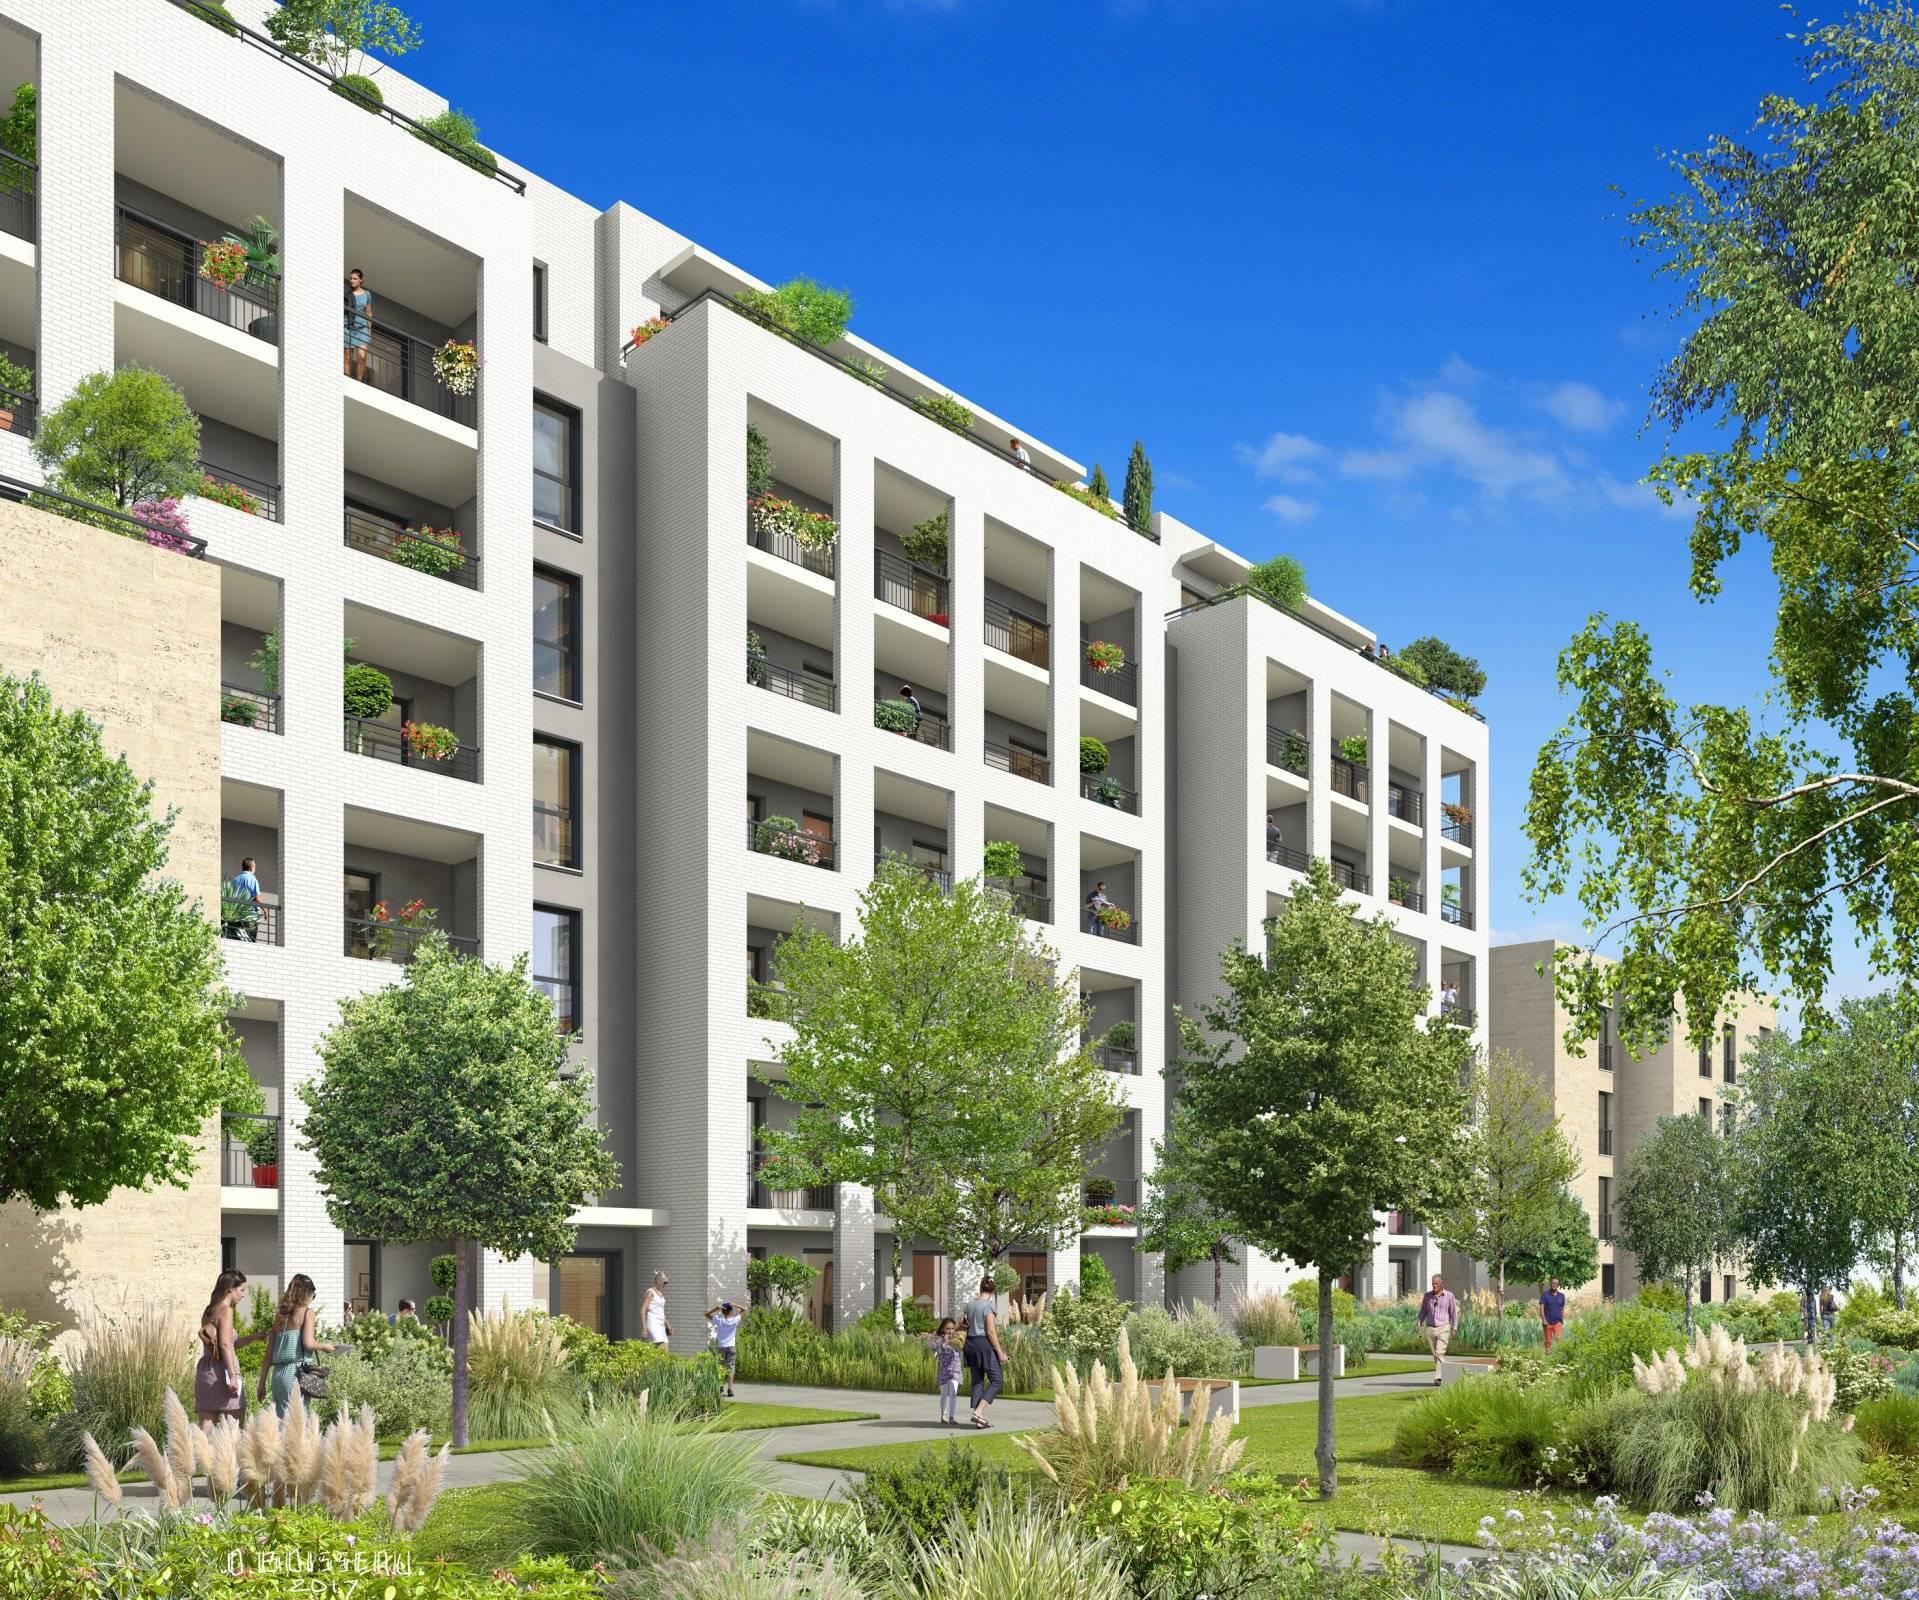 Vente programme immobilier neuf bordeaux euratlantique saint jean